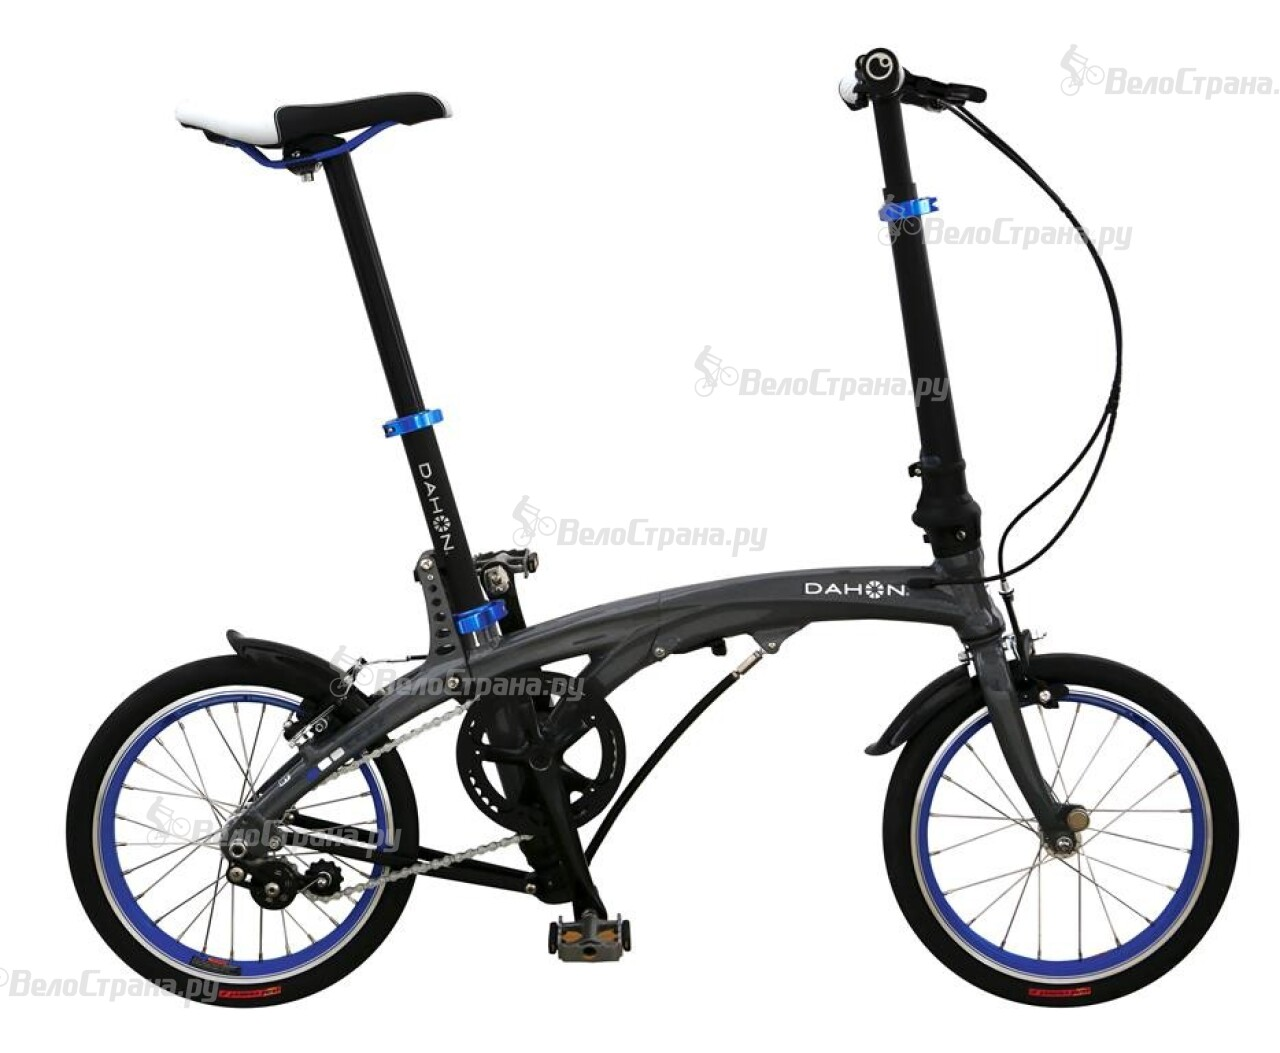 Велосипед Dahon EEZZ (2014) велосипед dahon speed d7 2014